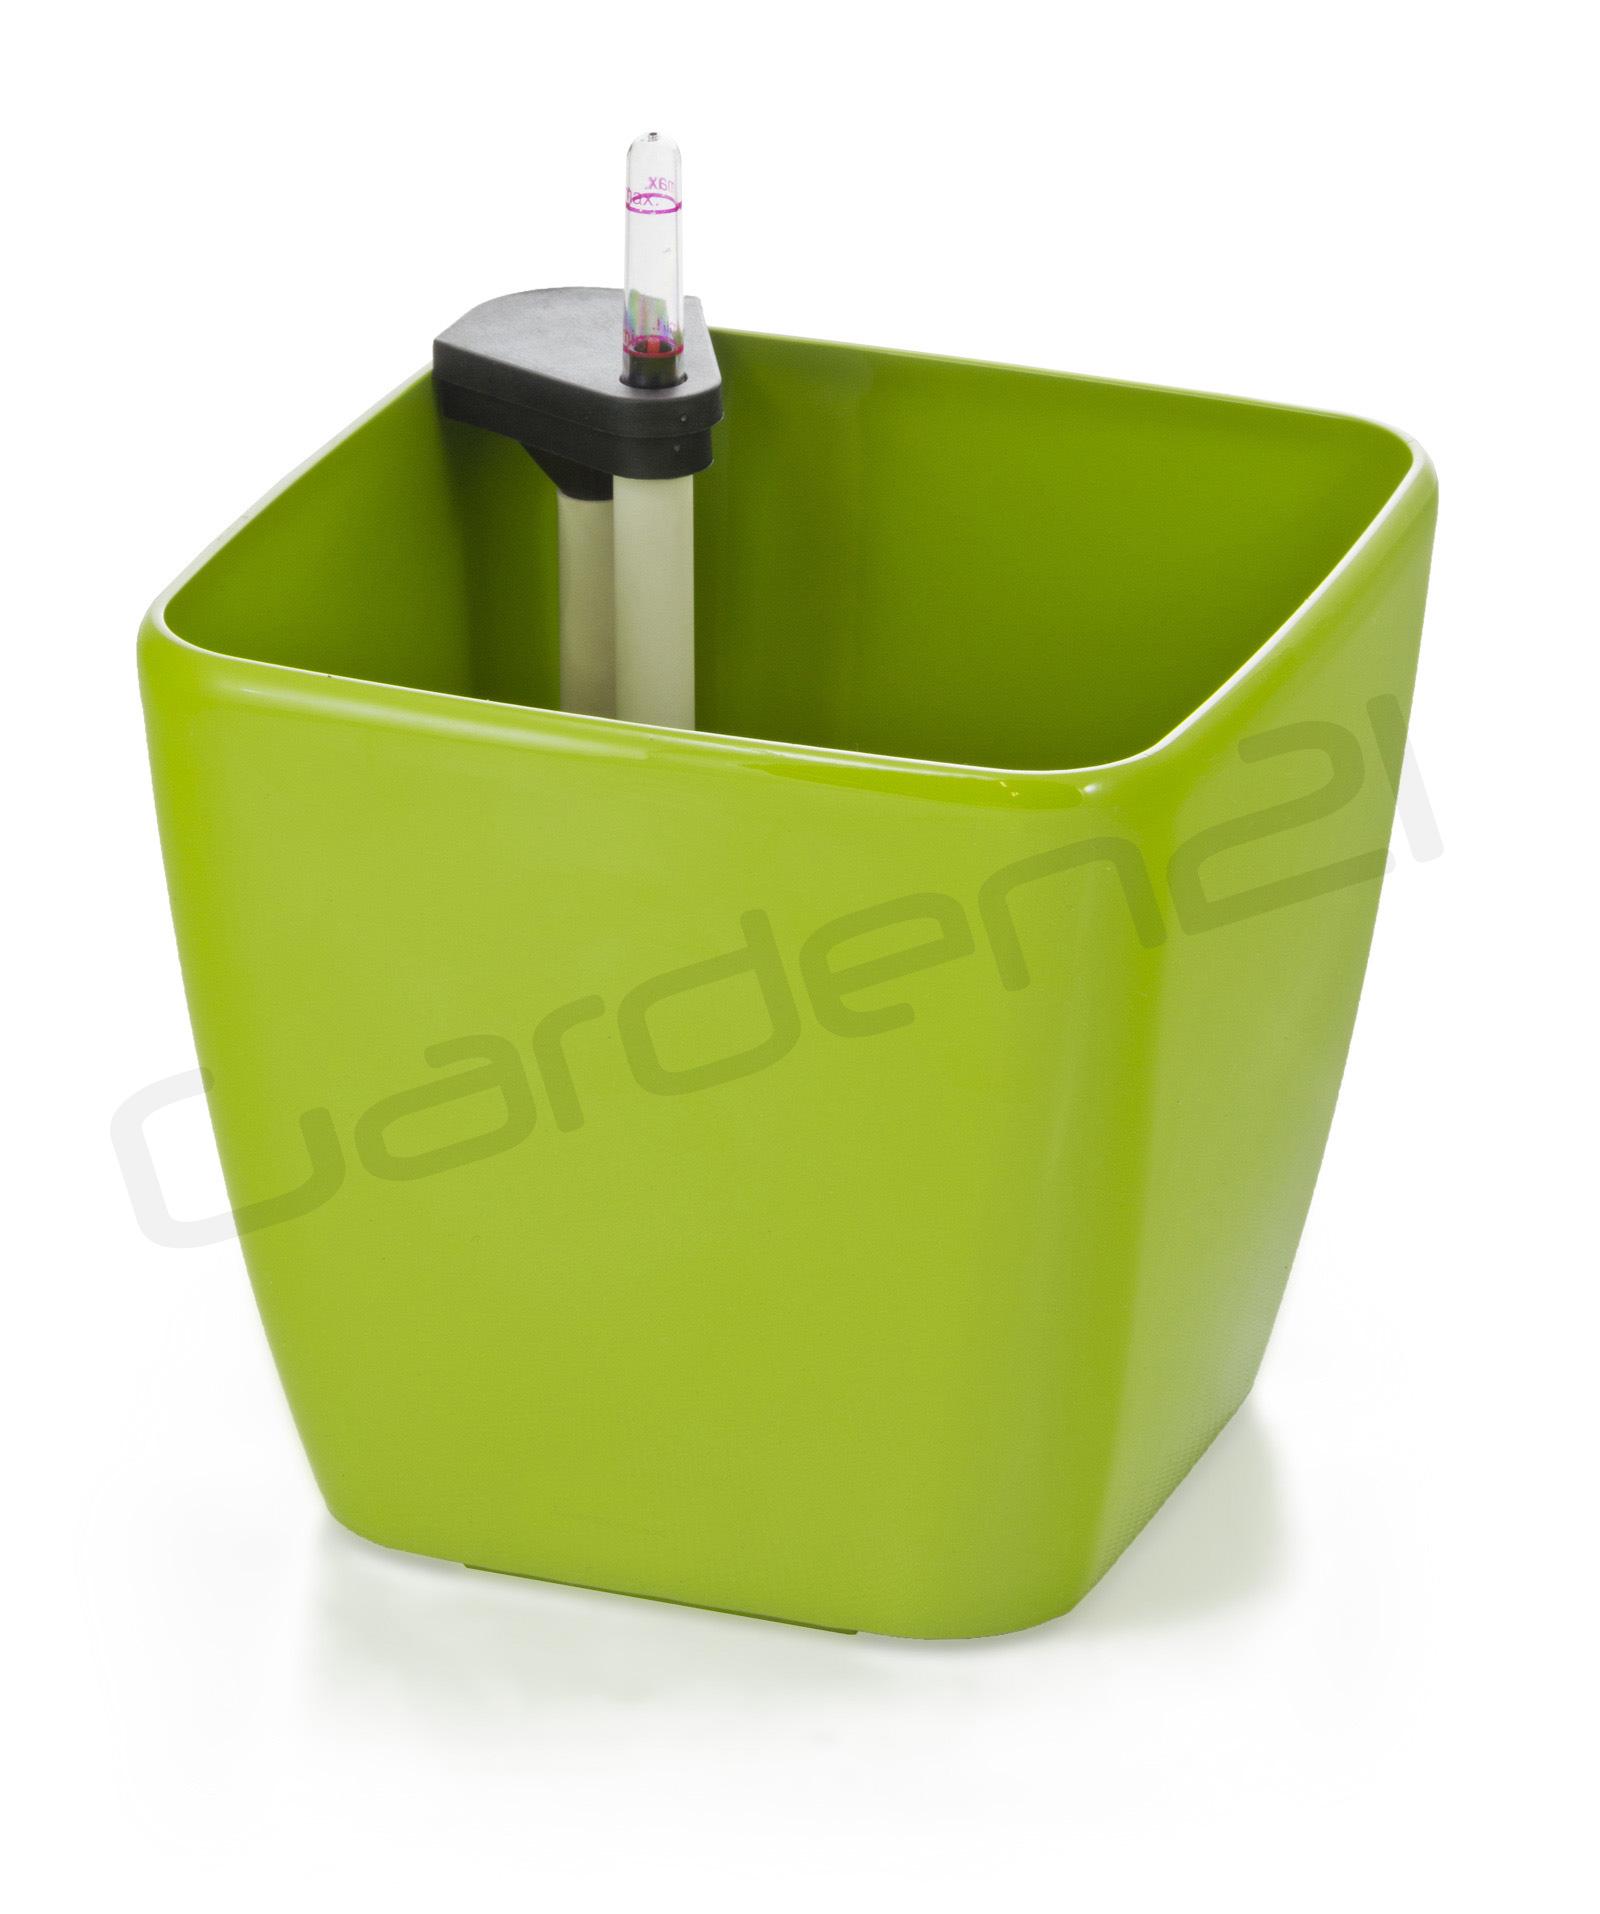 Samozavlažovací květináč G21 Cube zelený 22cm